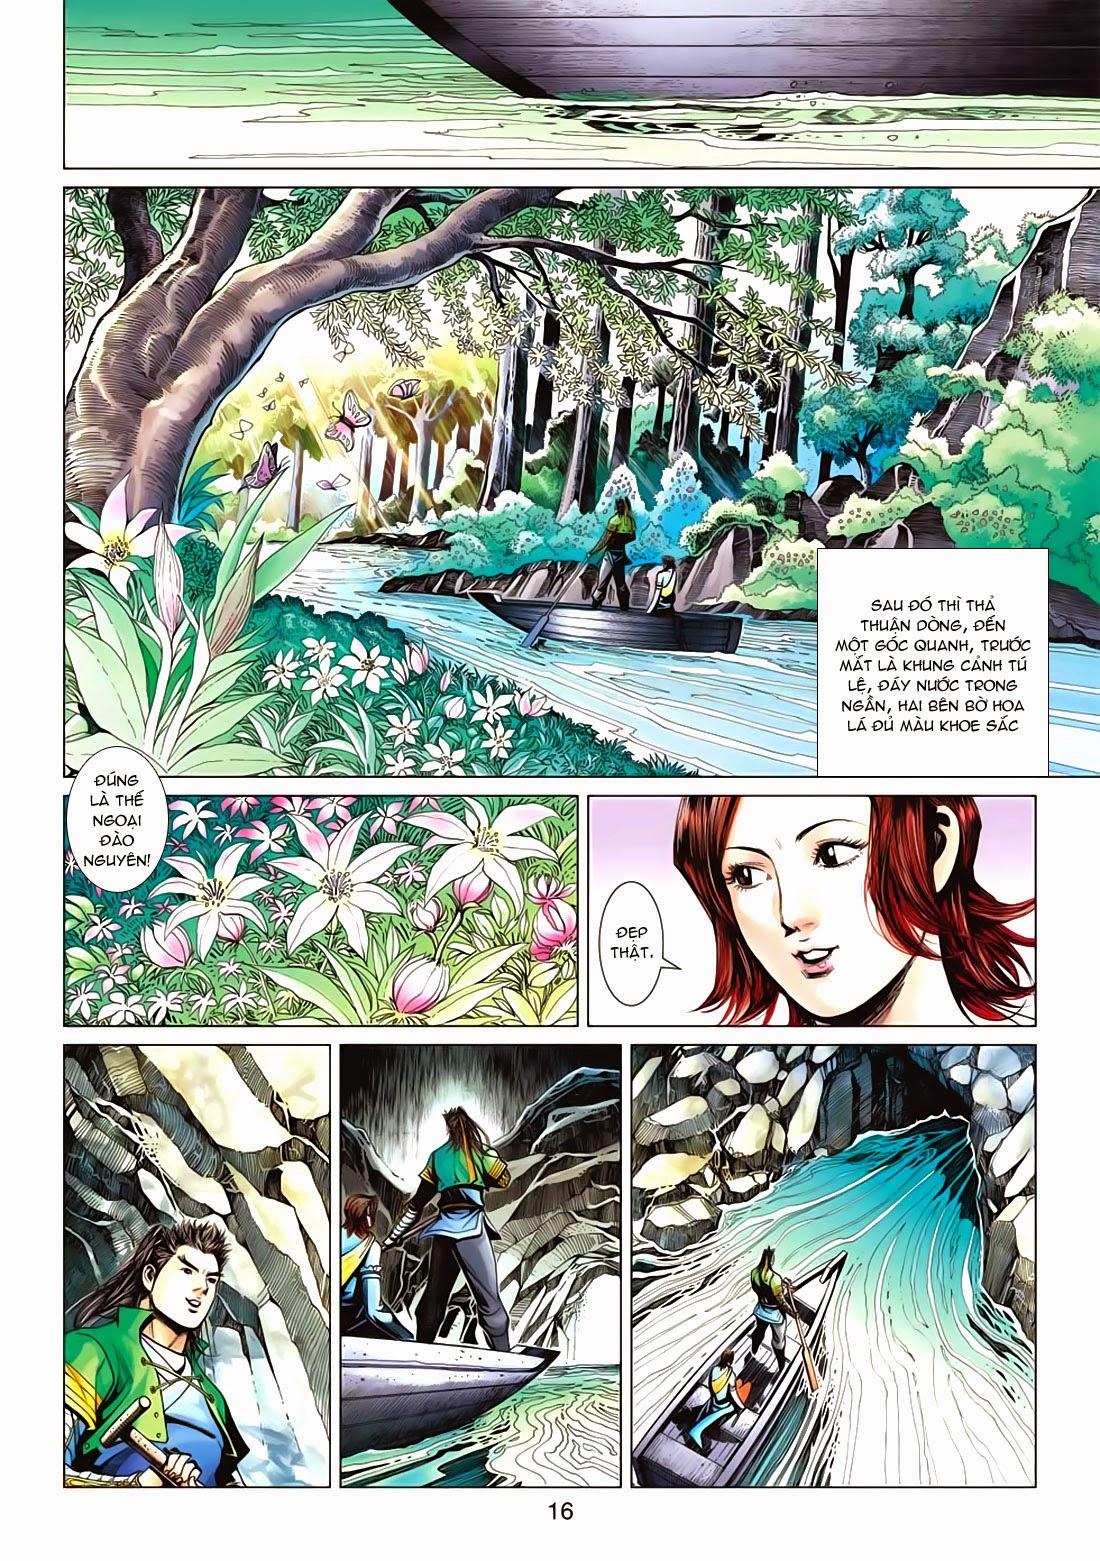 Anh Hùng Xạ Điêu anh hùng xạ đêu chap 72: ngư tiều canh độc trang 16